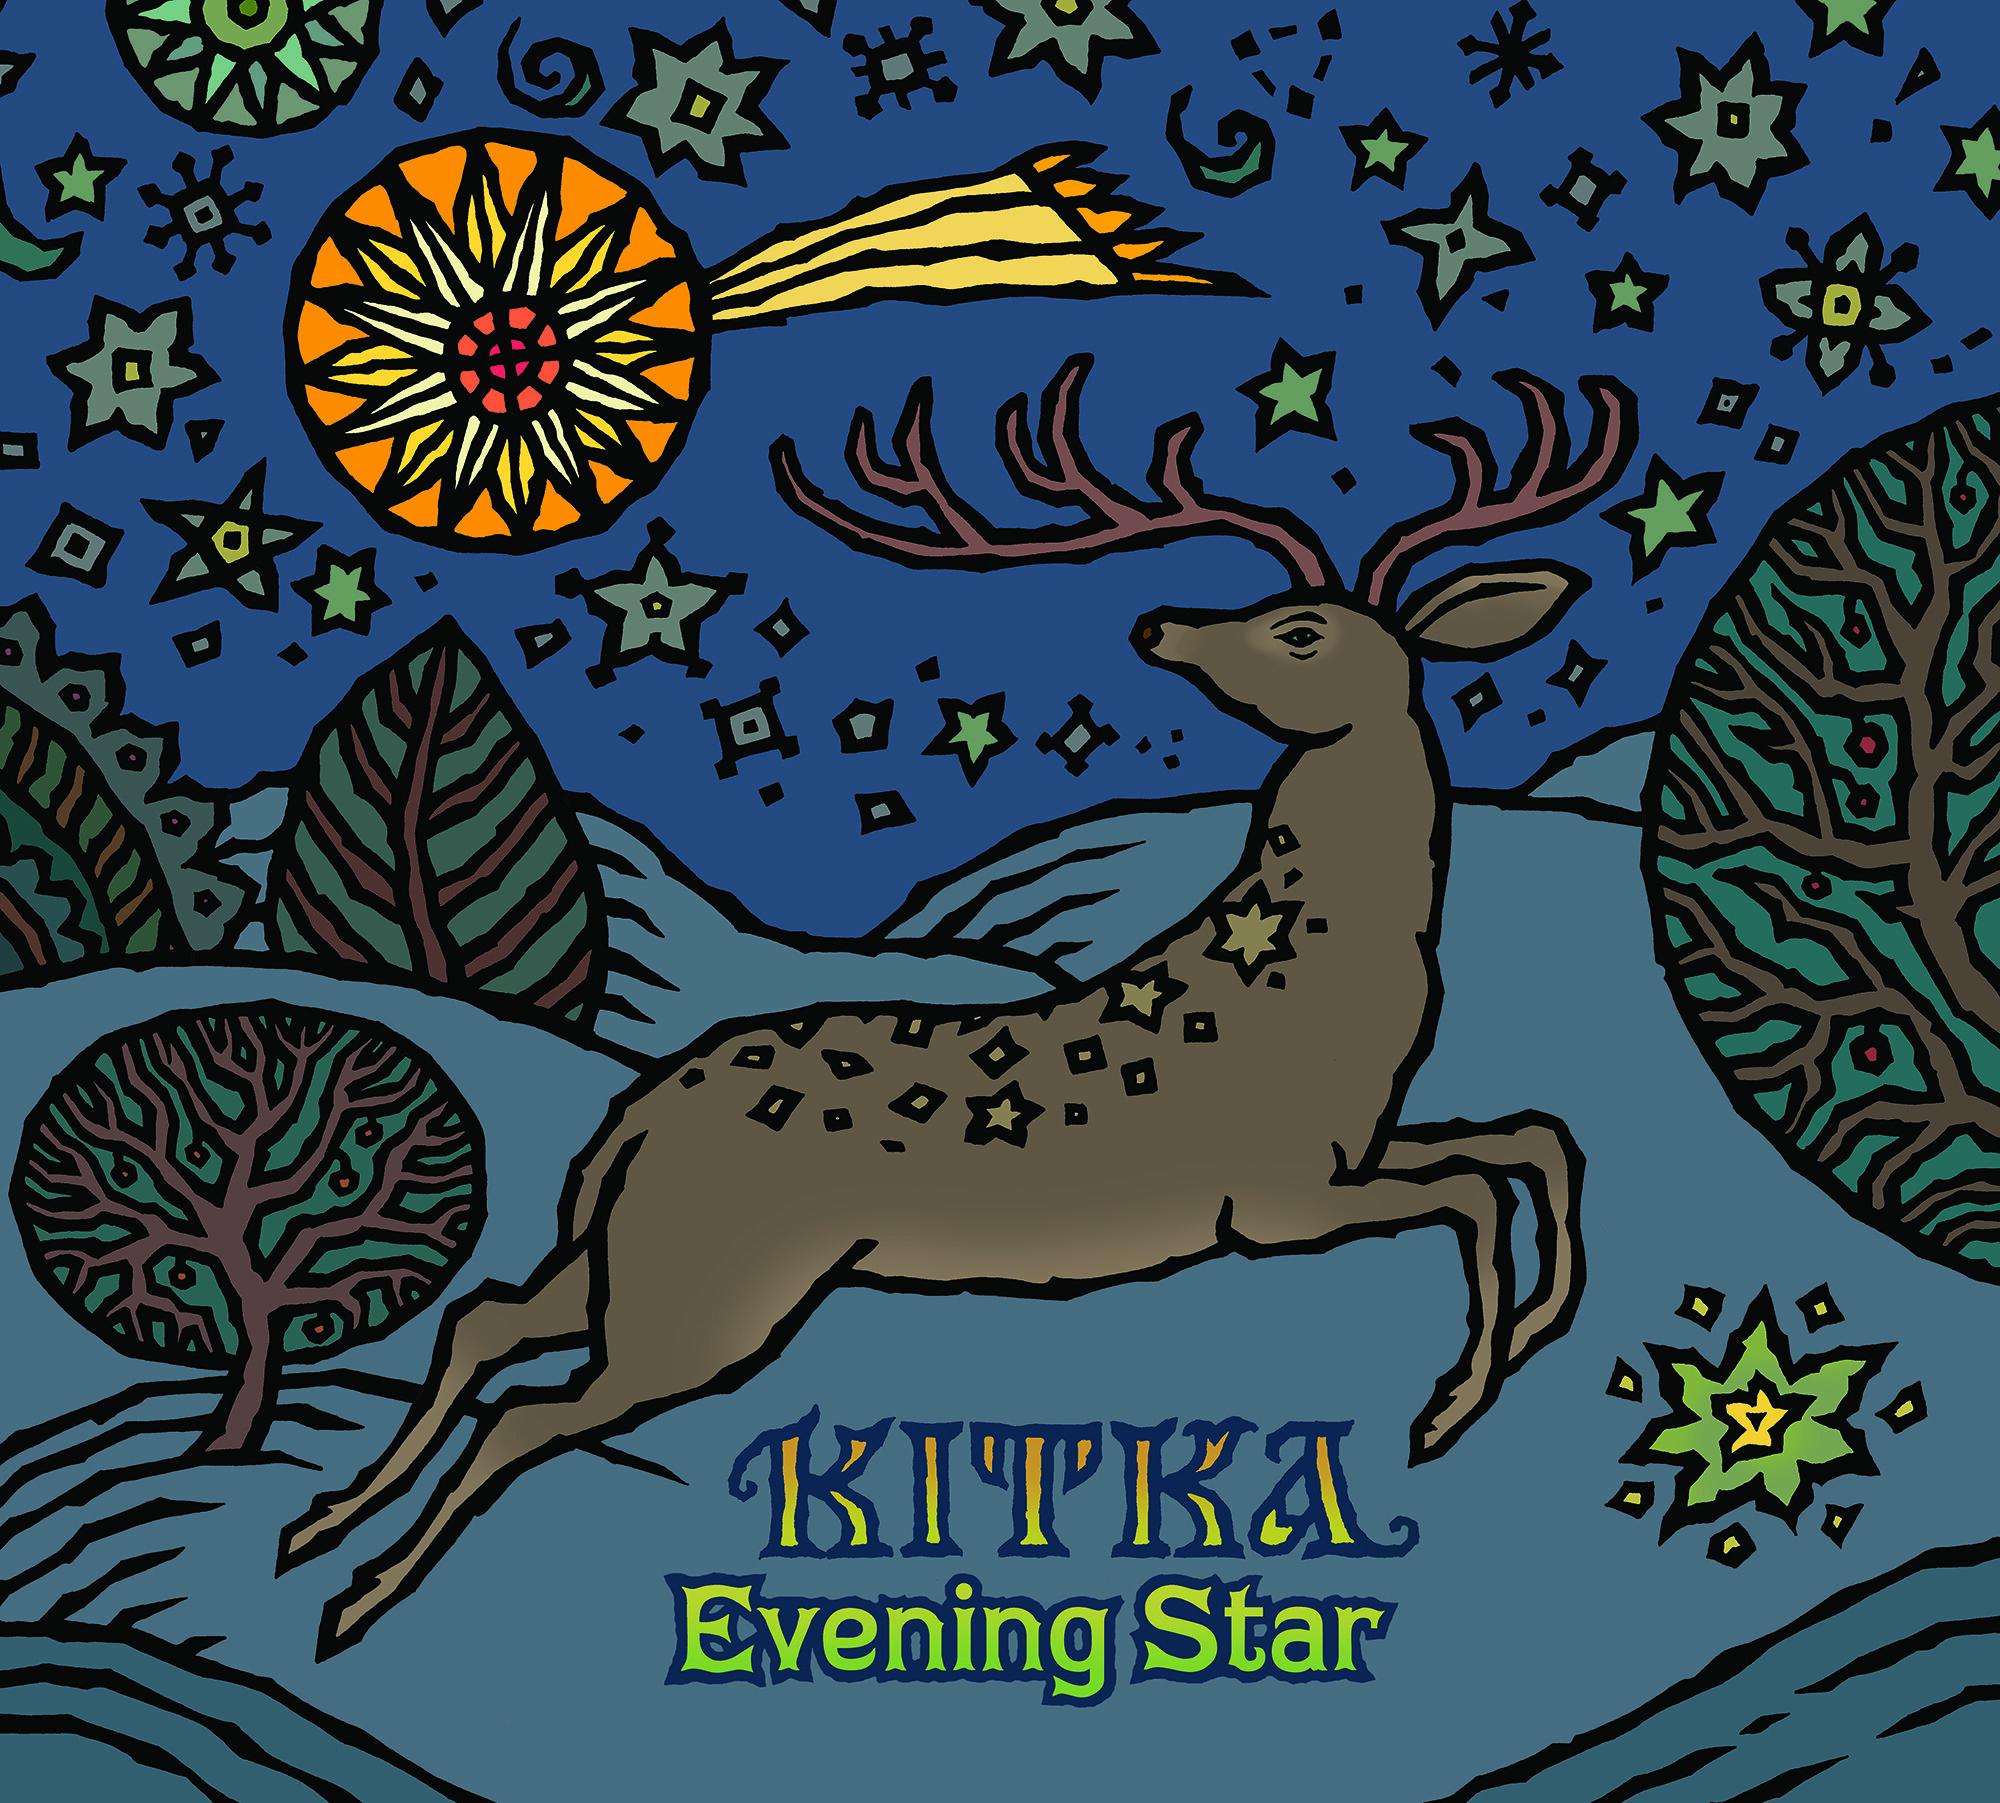 evening-star_cover_final_flat.jpg